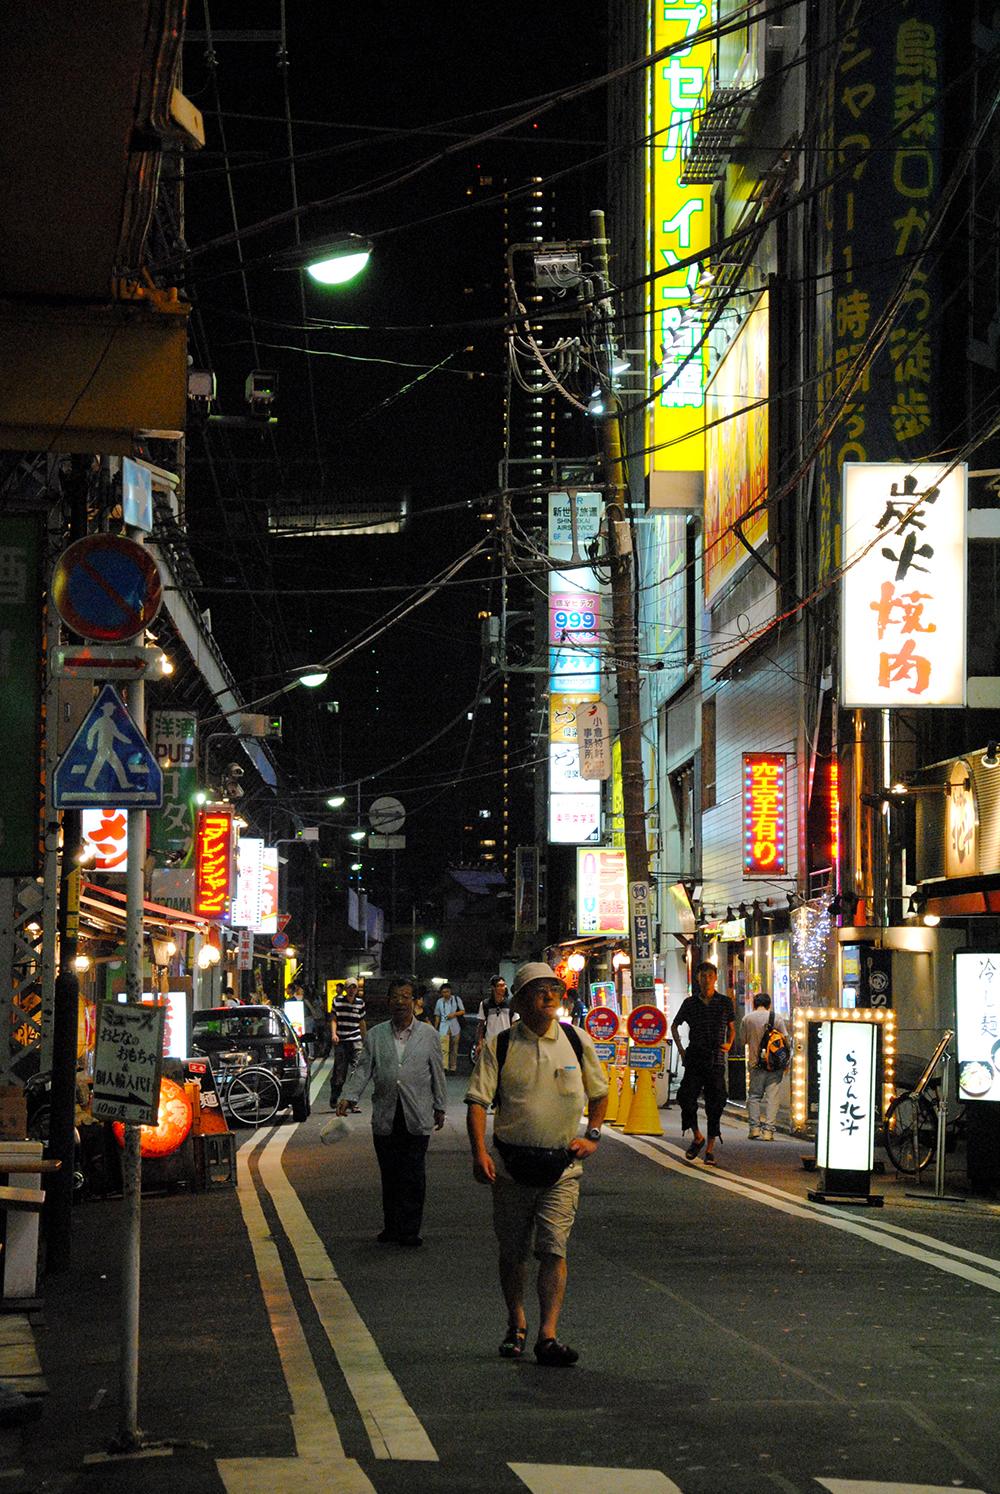 Things to do in Tokyo tokyo at night Japanese lanterns